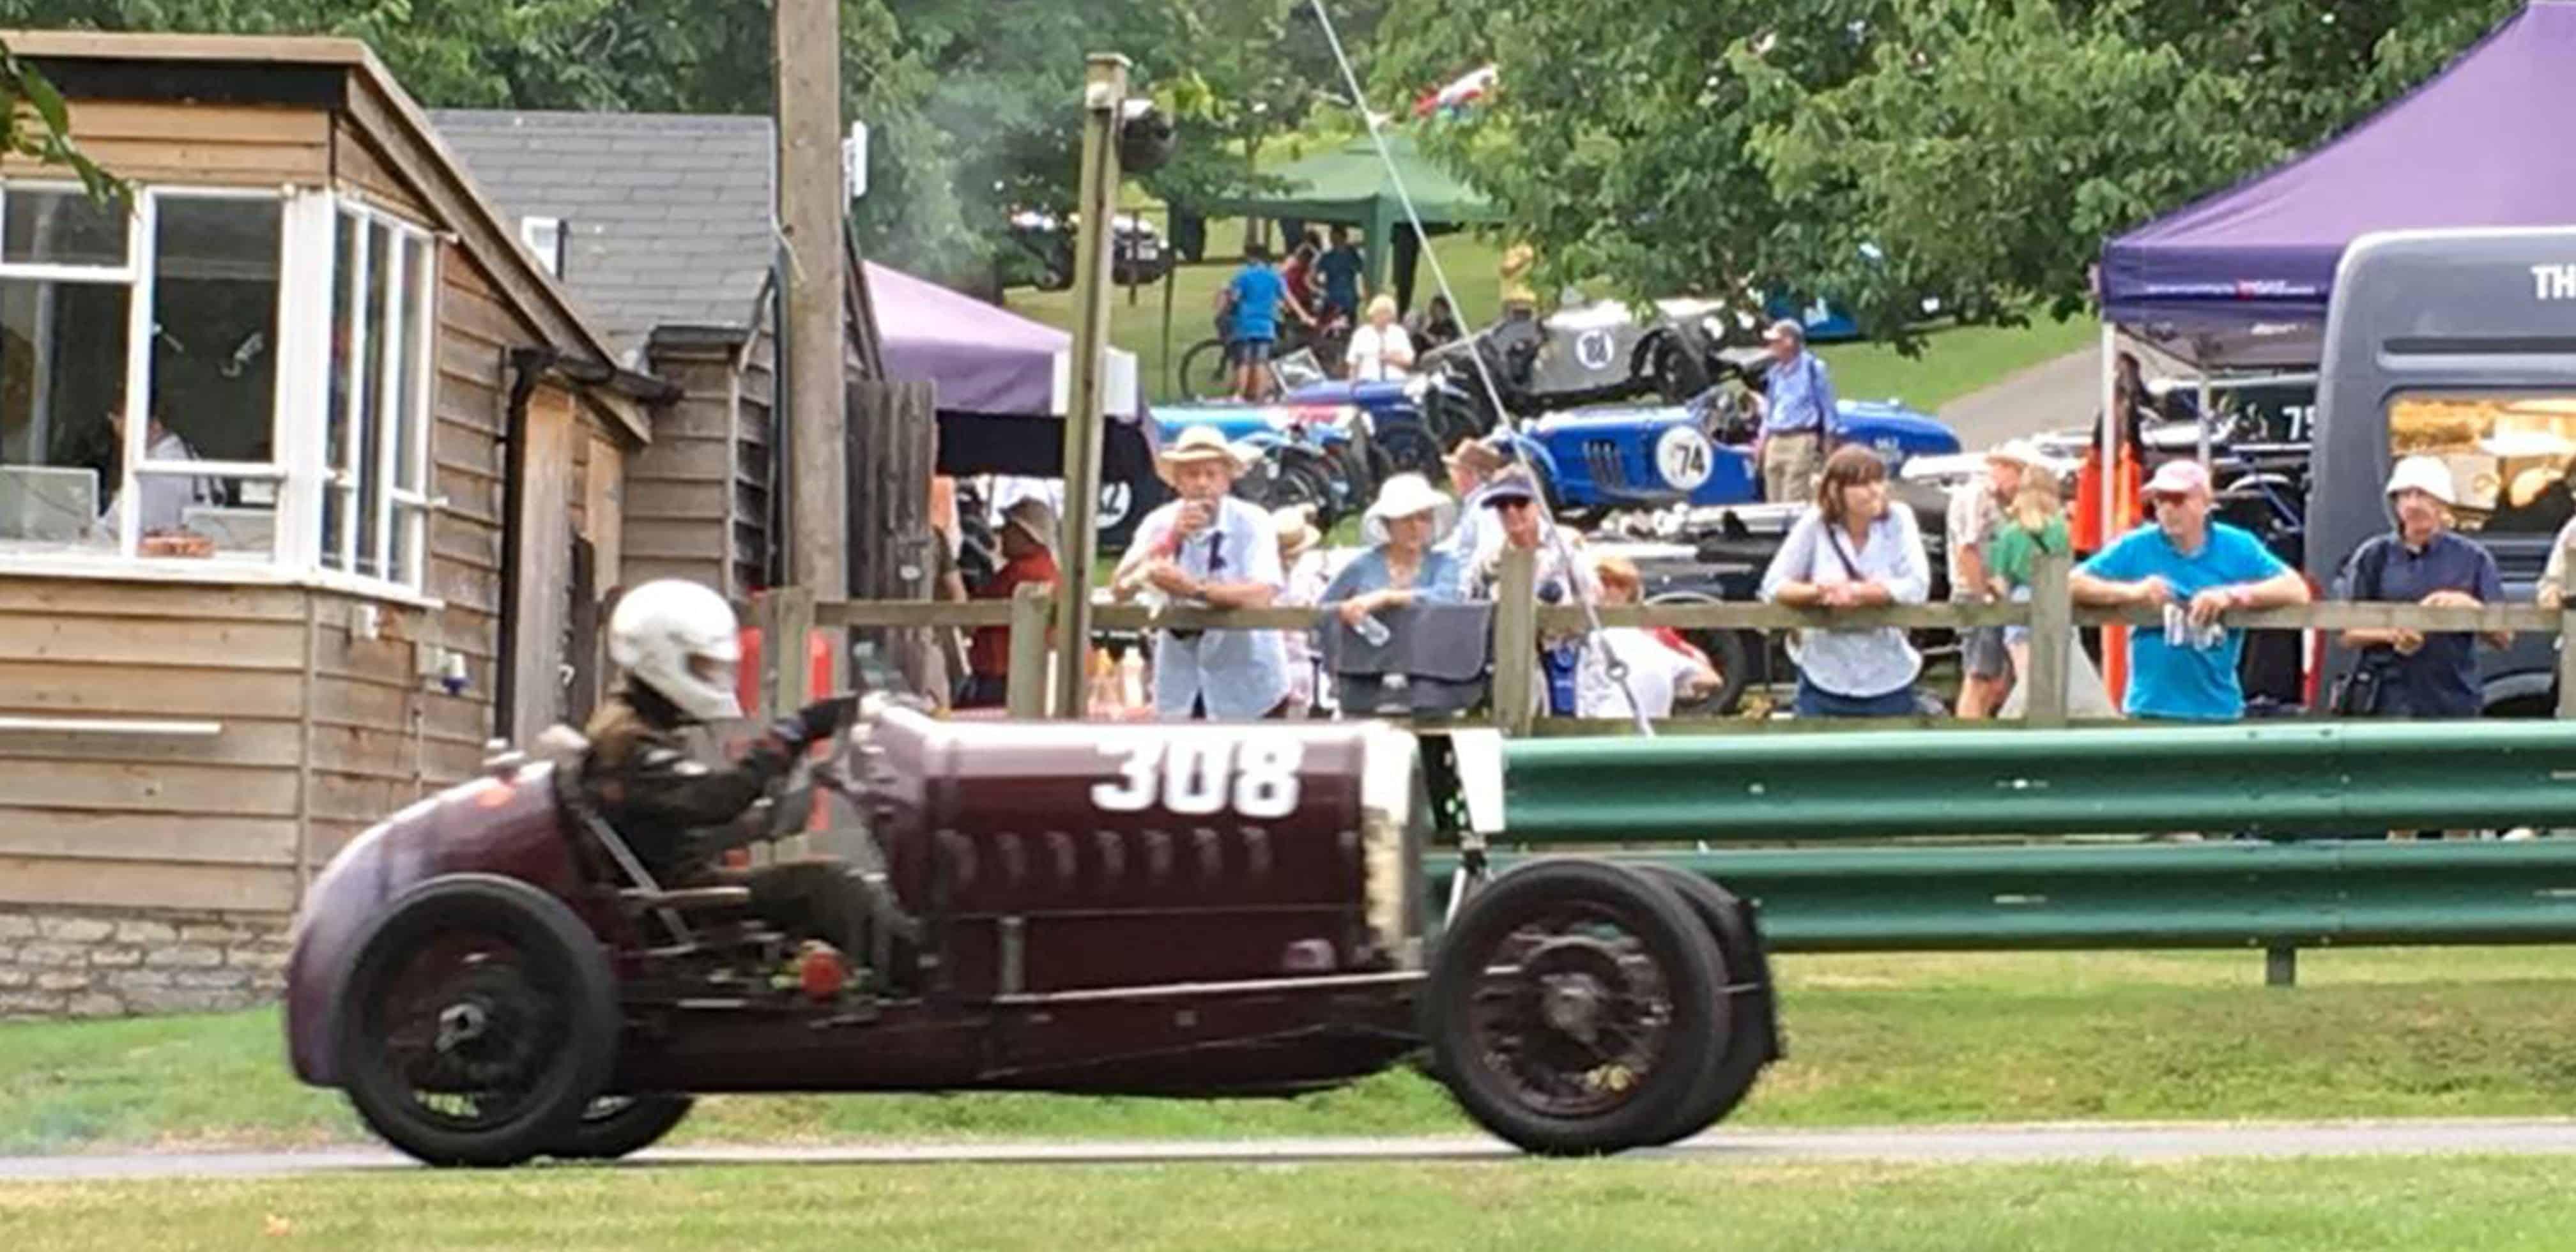 Prescott racing car